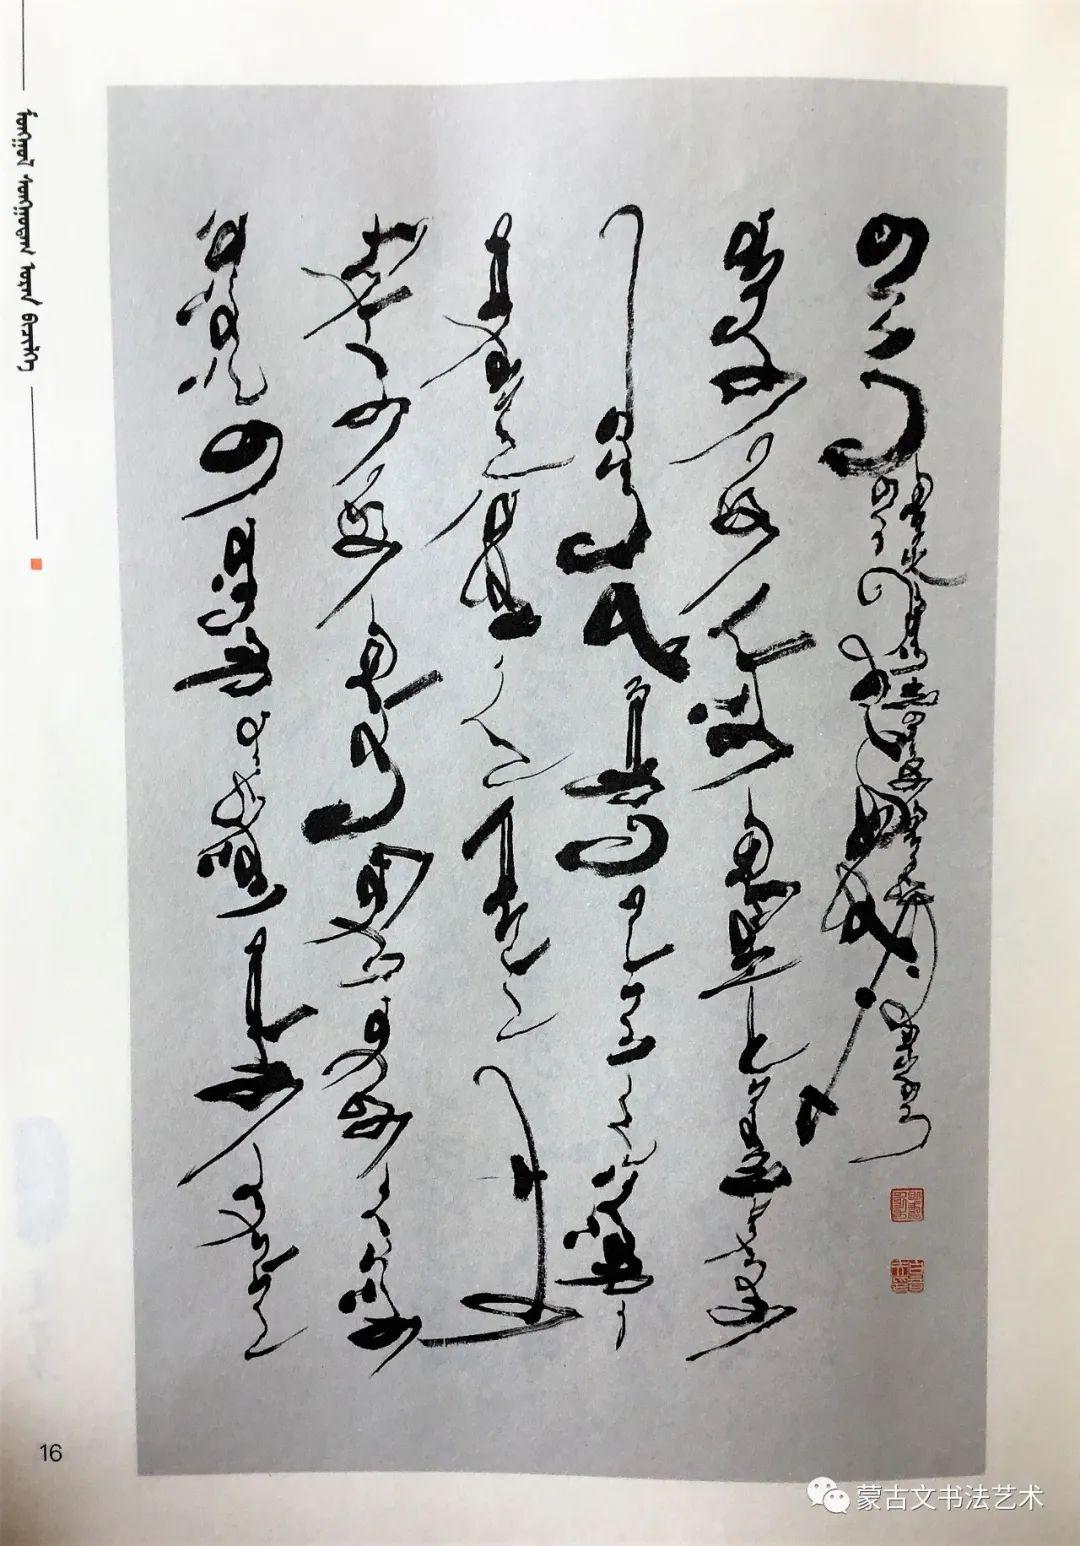 包宝柱《蒙古文经典书法》 第25张 包宝柱《蒙古文经典书法》 蒙古书法